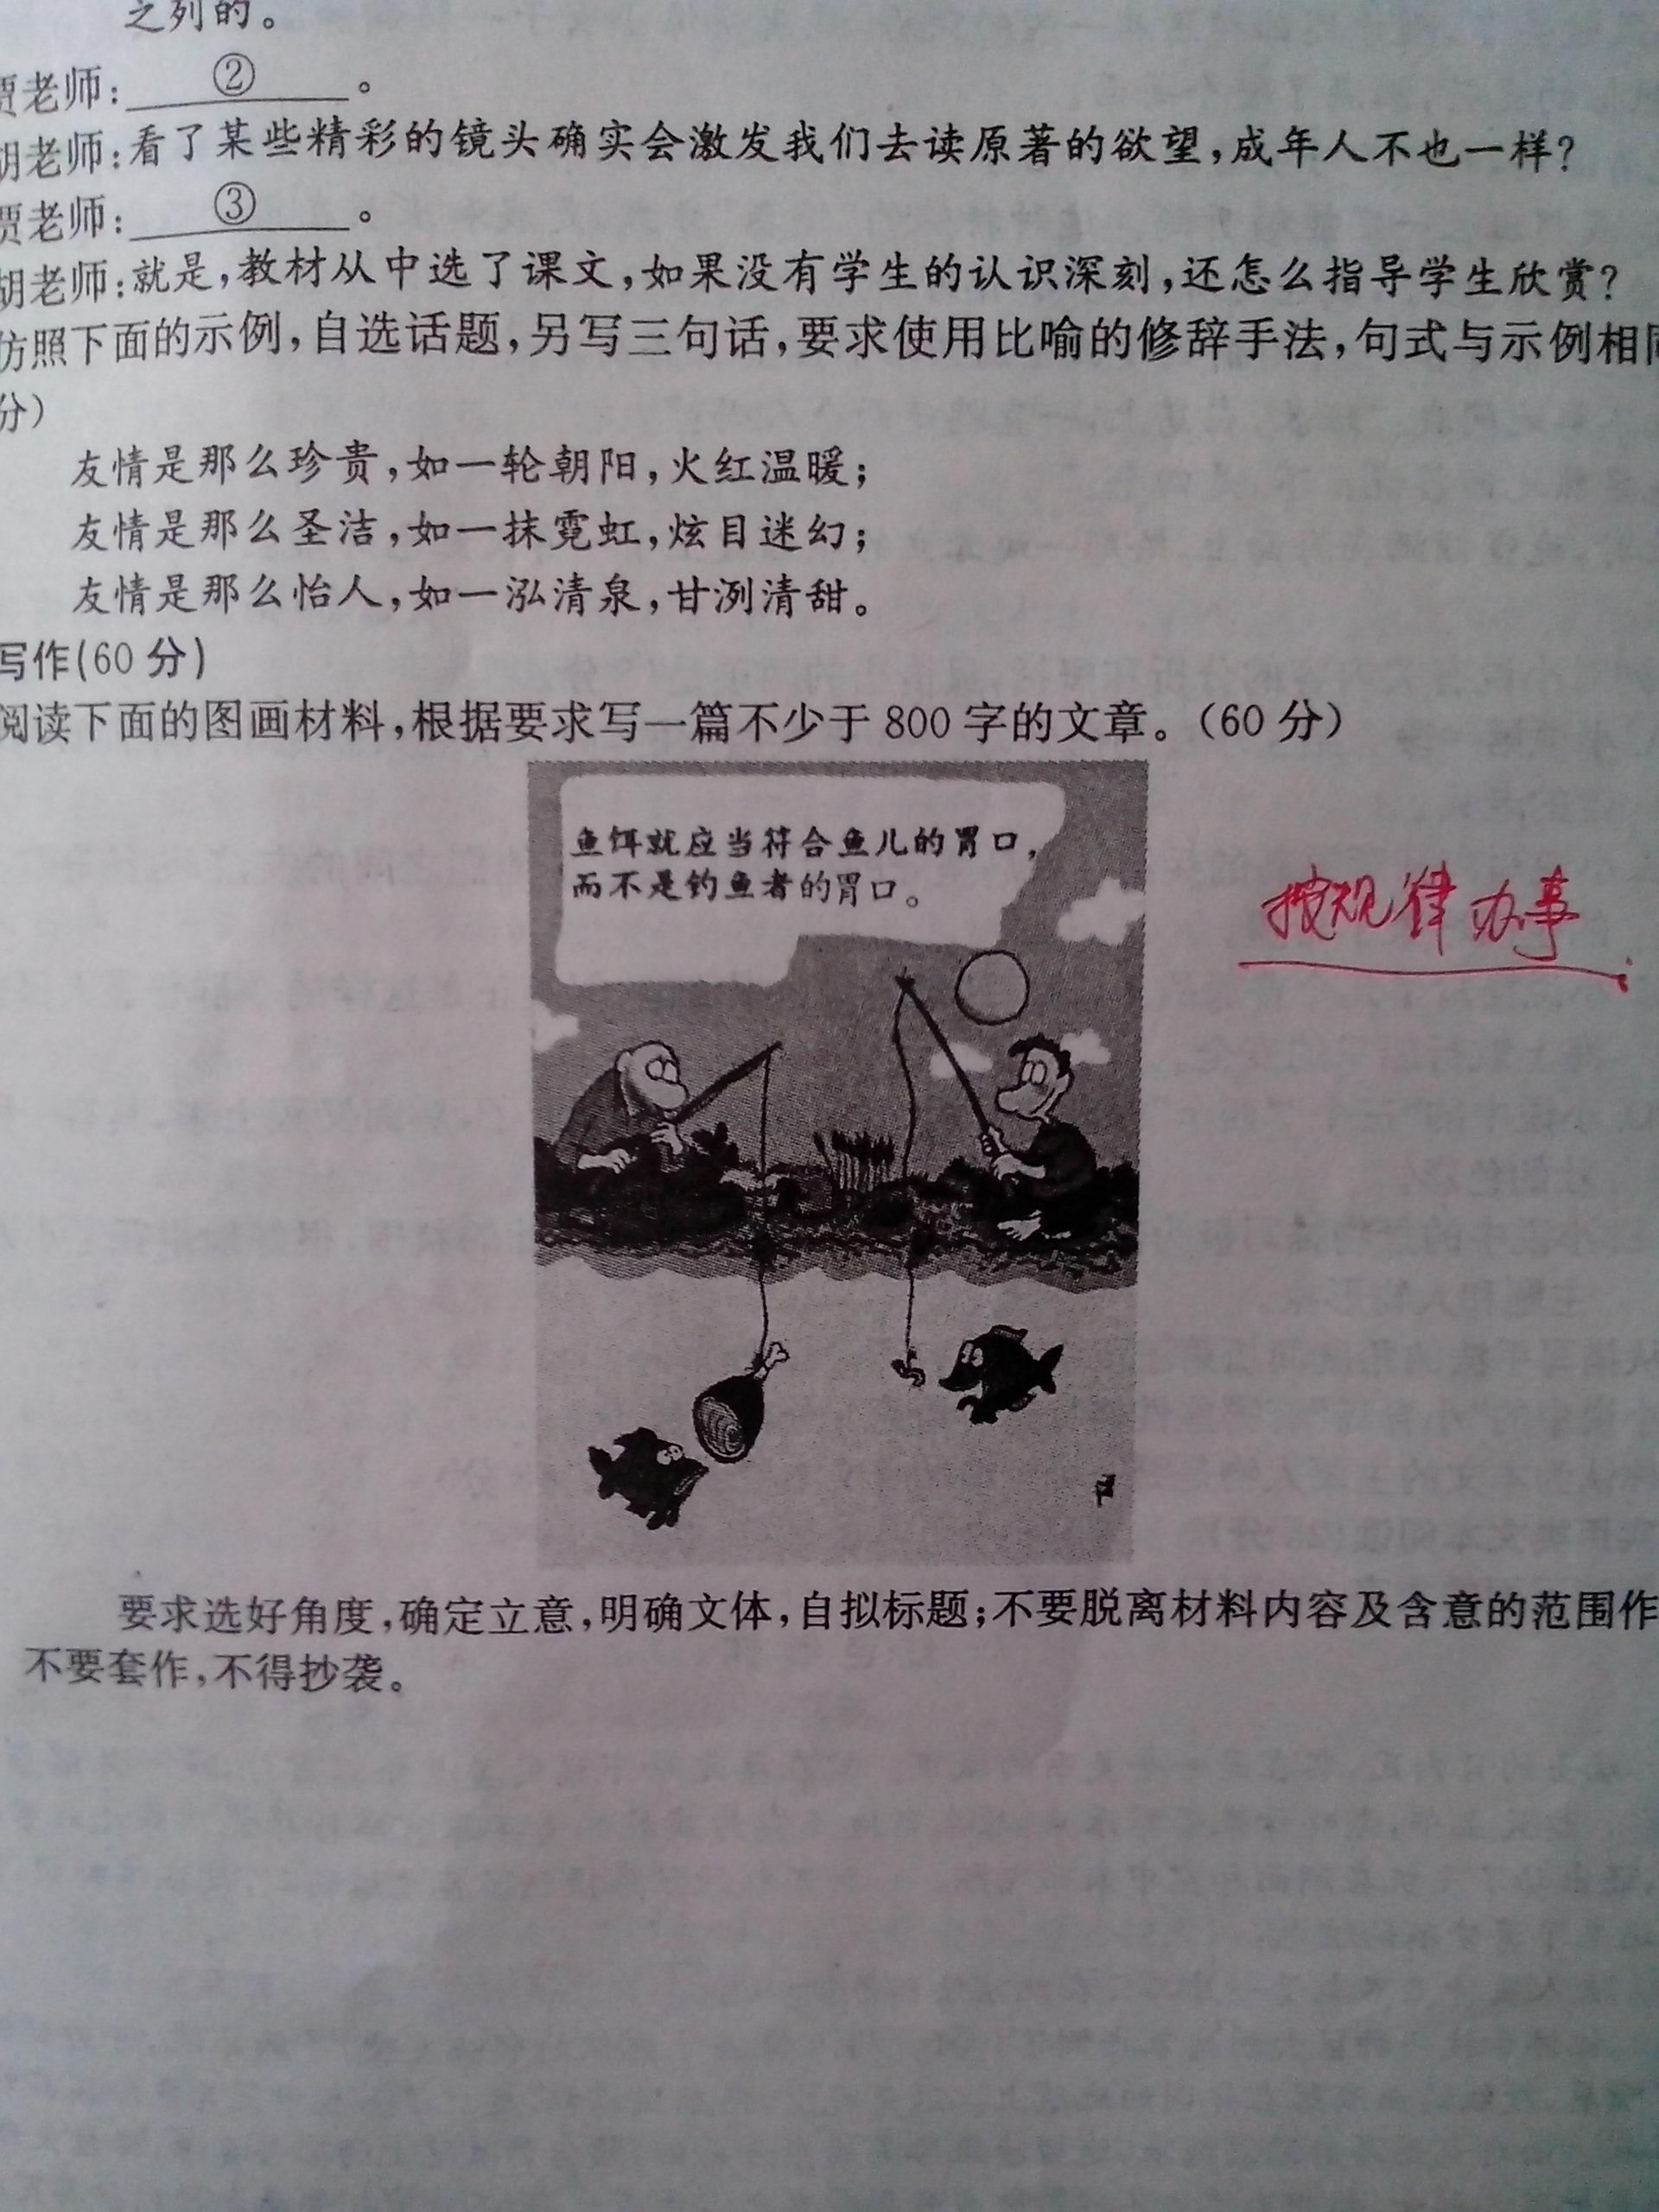 初中语文工作案例模板